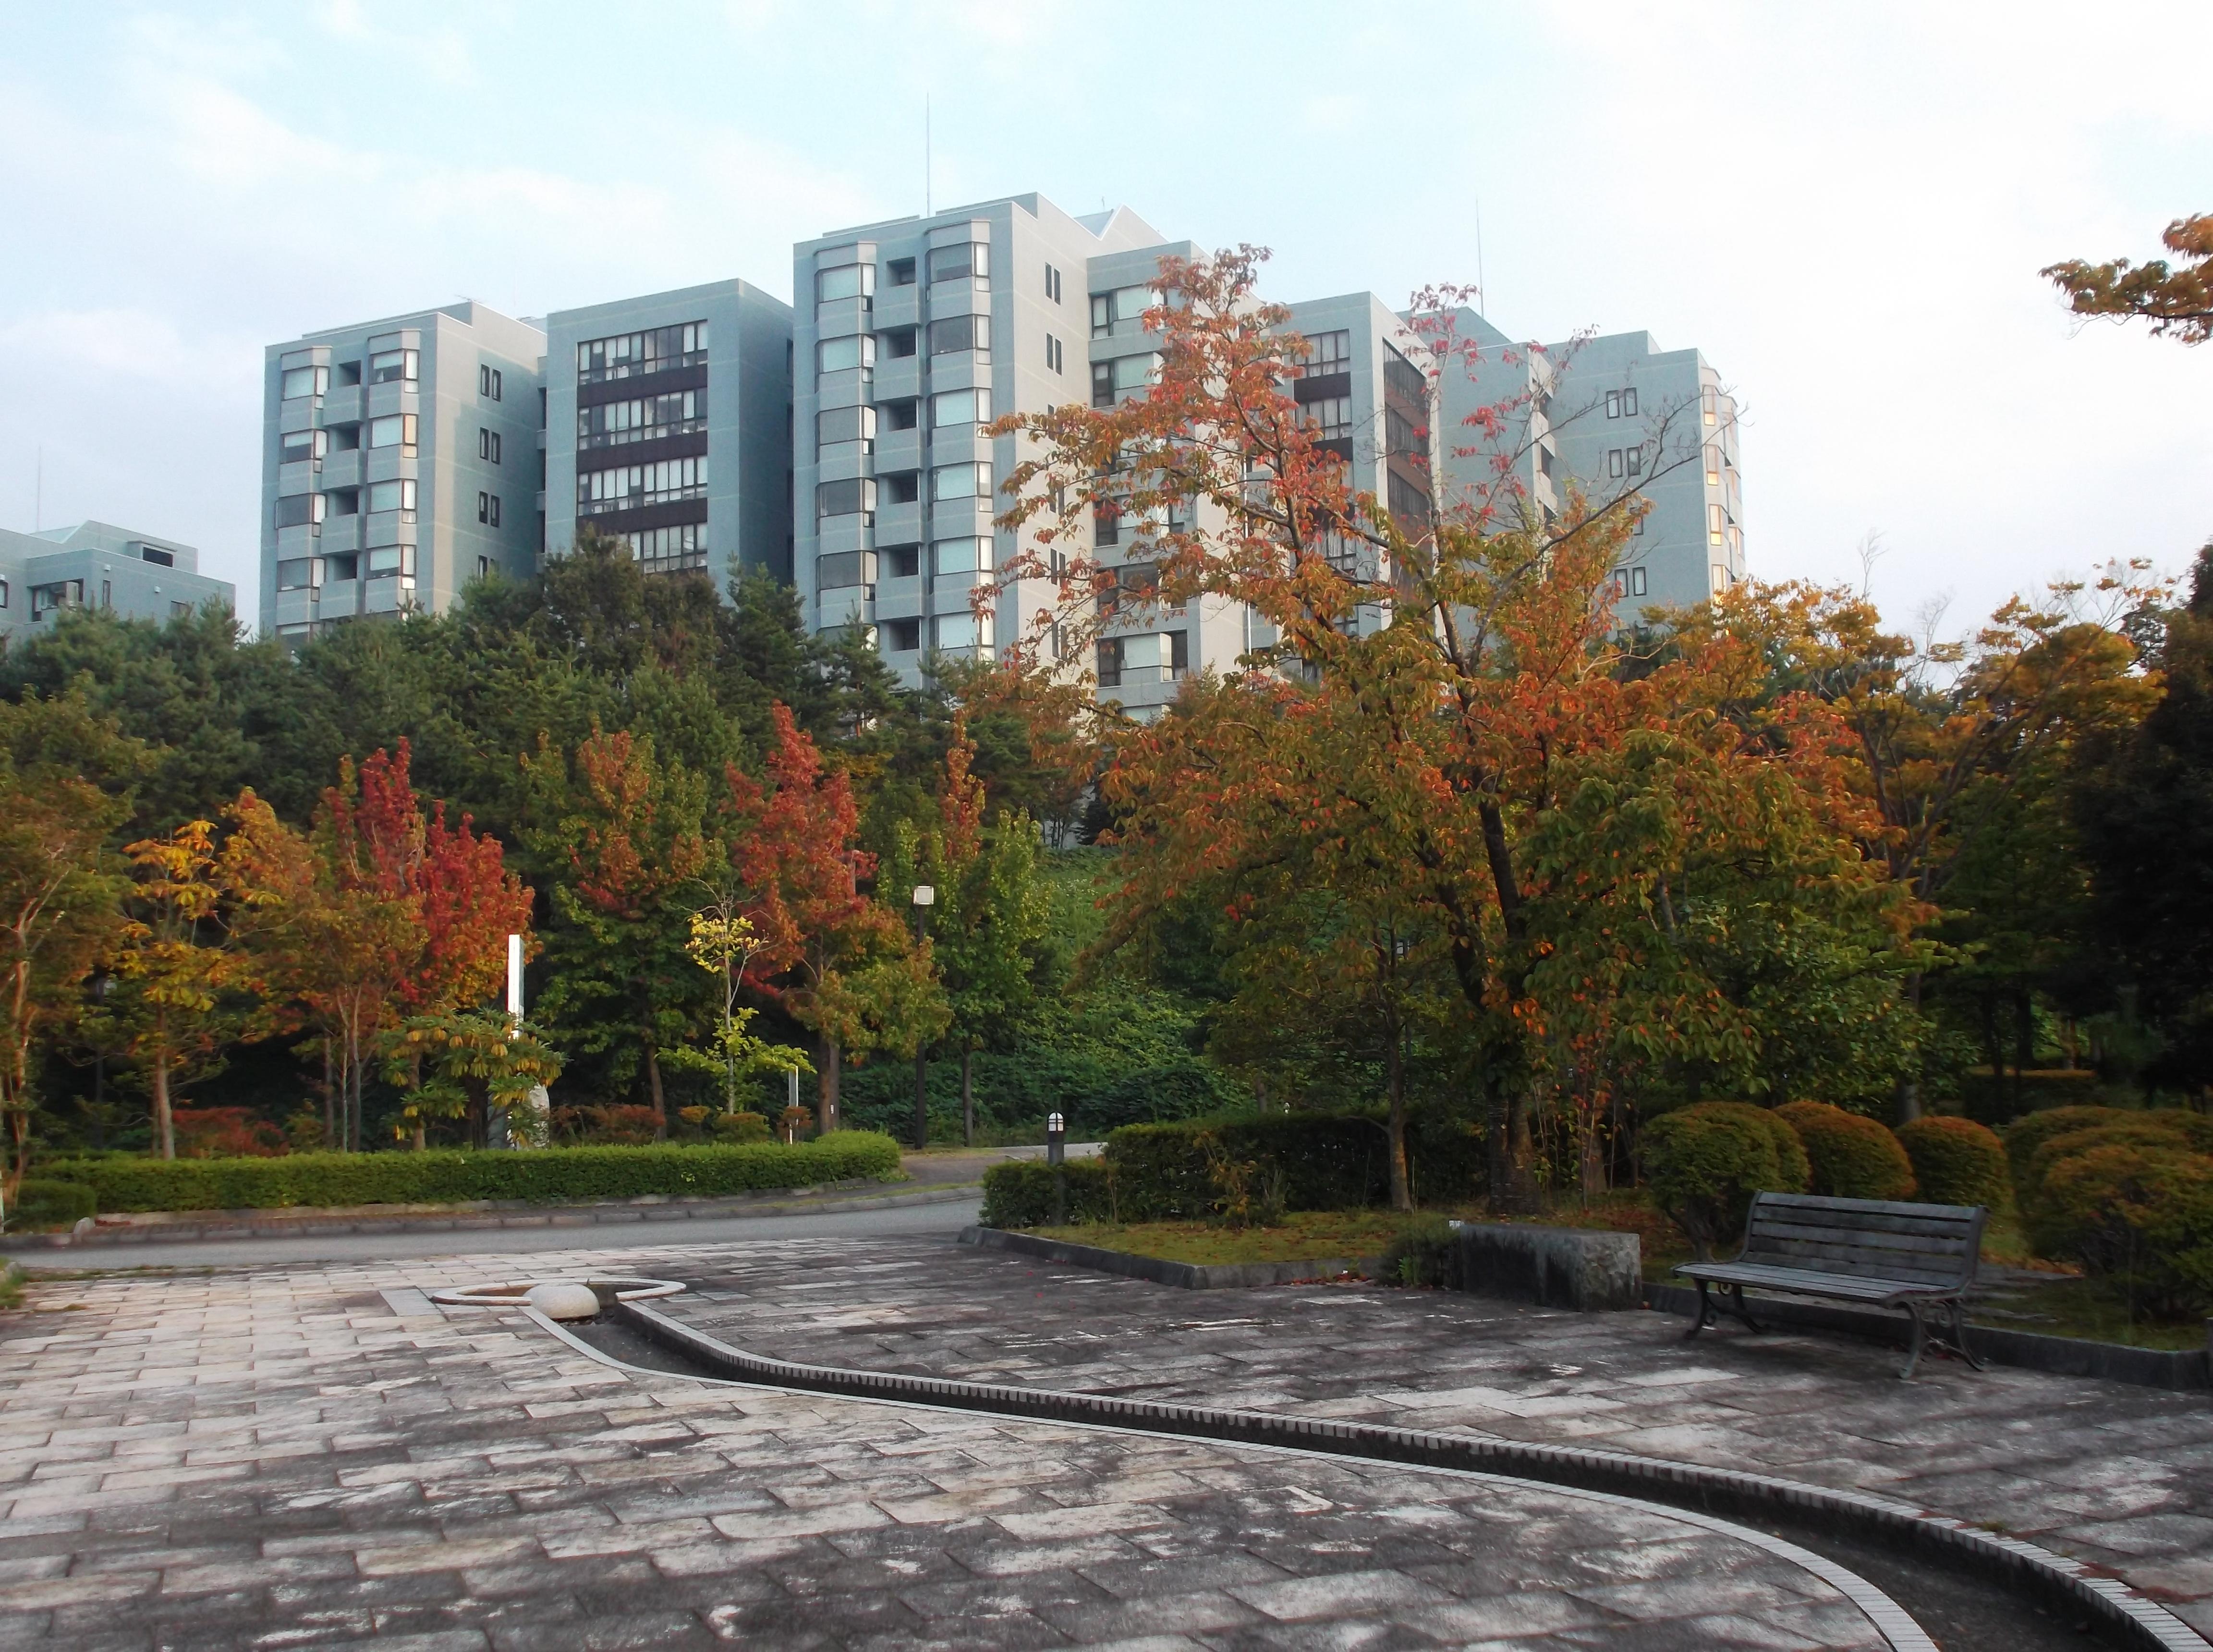 di Jepang. Daun-daun pohon maple dan sakura sudah mulai memerah di